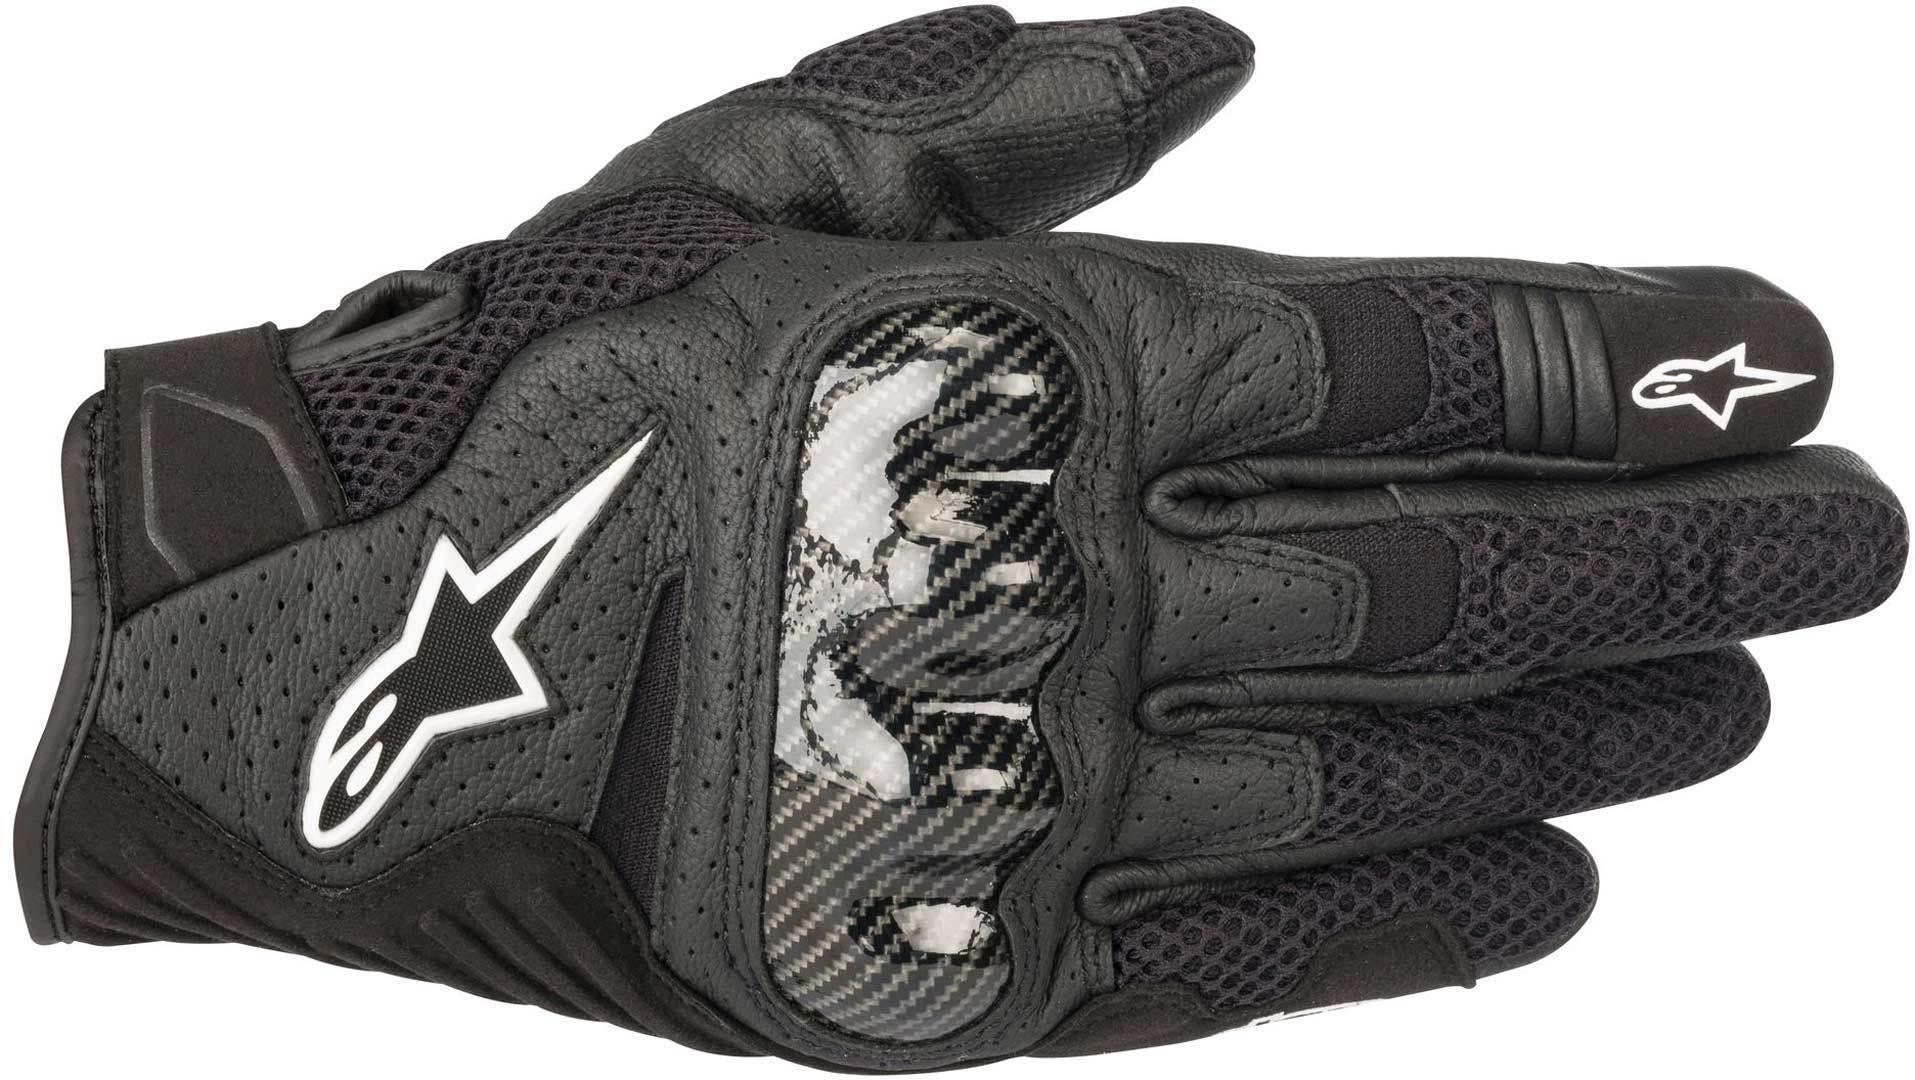 Alpinestars SMX 1 Air V2 Handschuhe, schwarz, Größe 3XL, schwarz, Größe 3XL